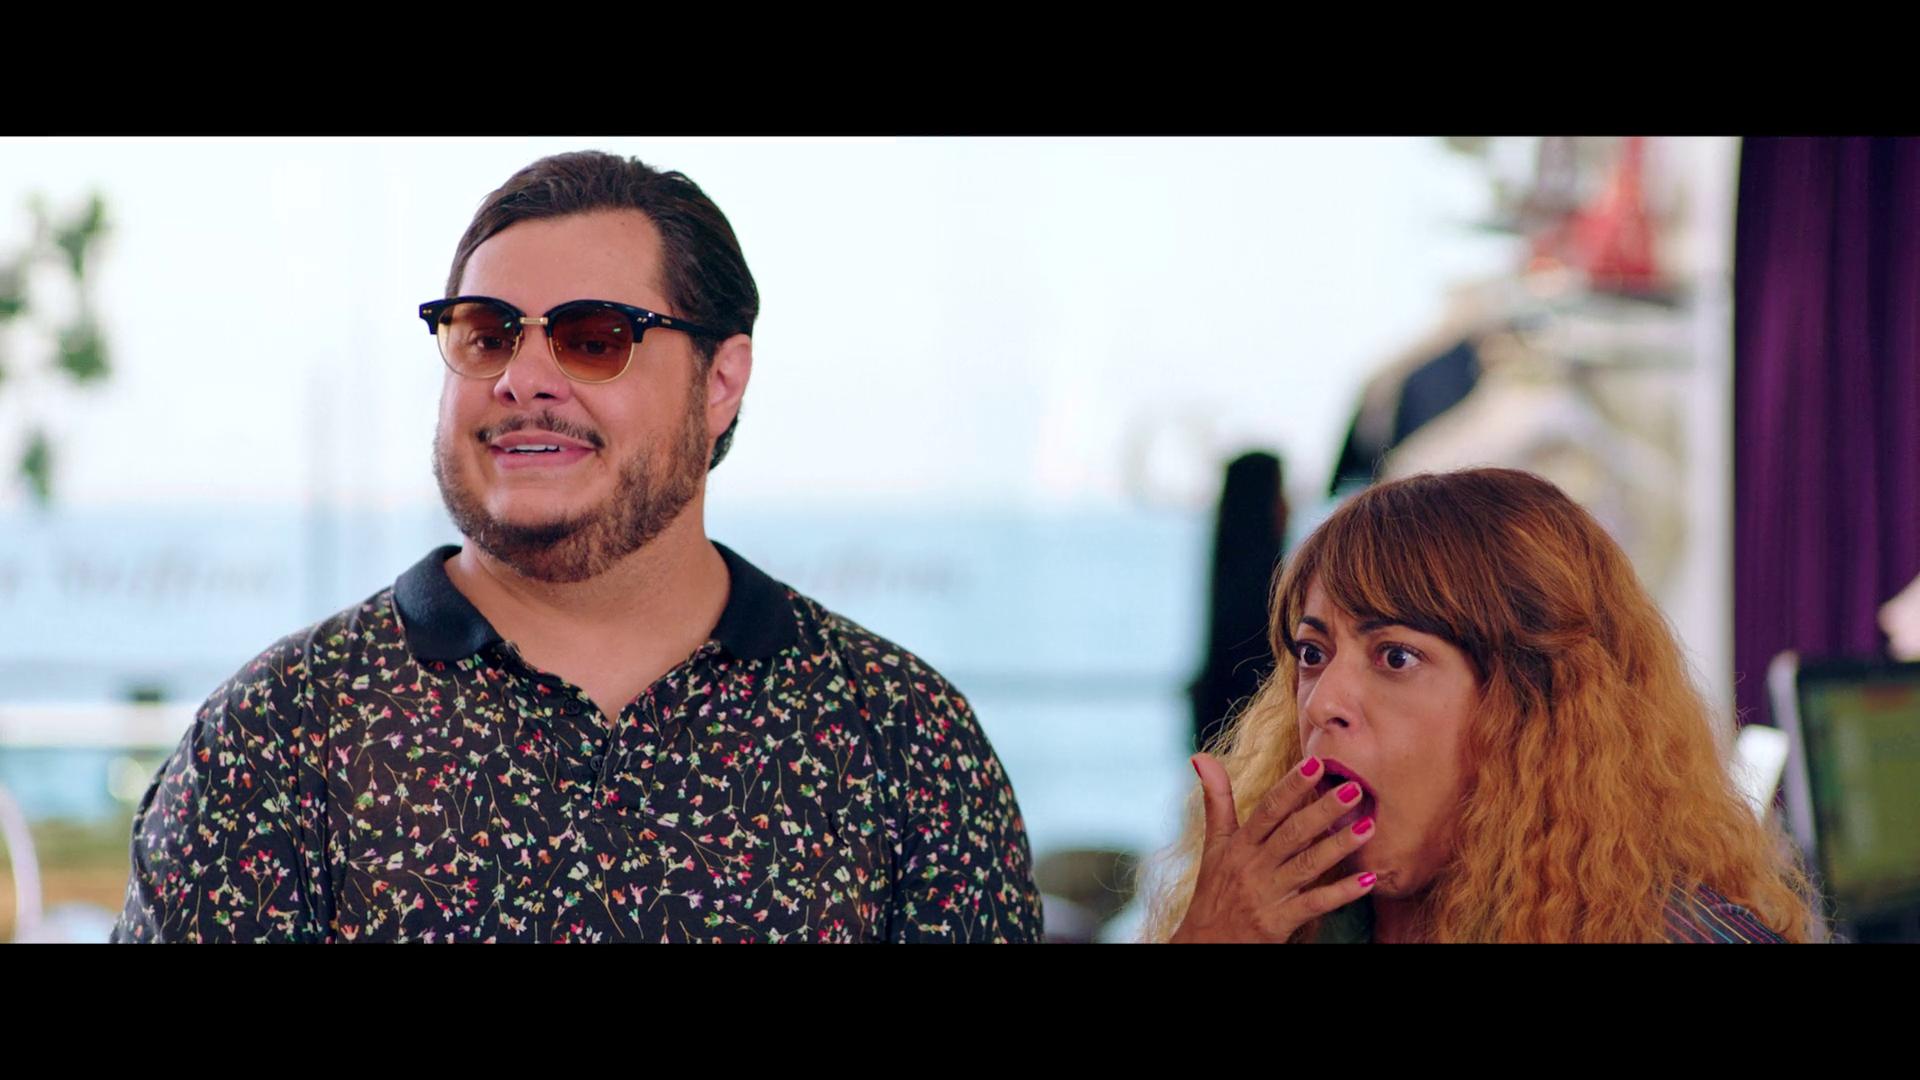 Dos sinvergüenzas (2021) 1080p WEB-DL Latino